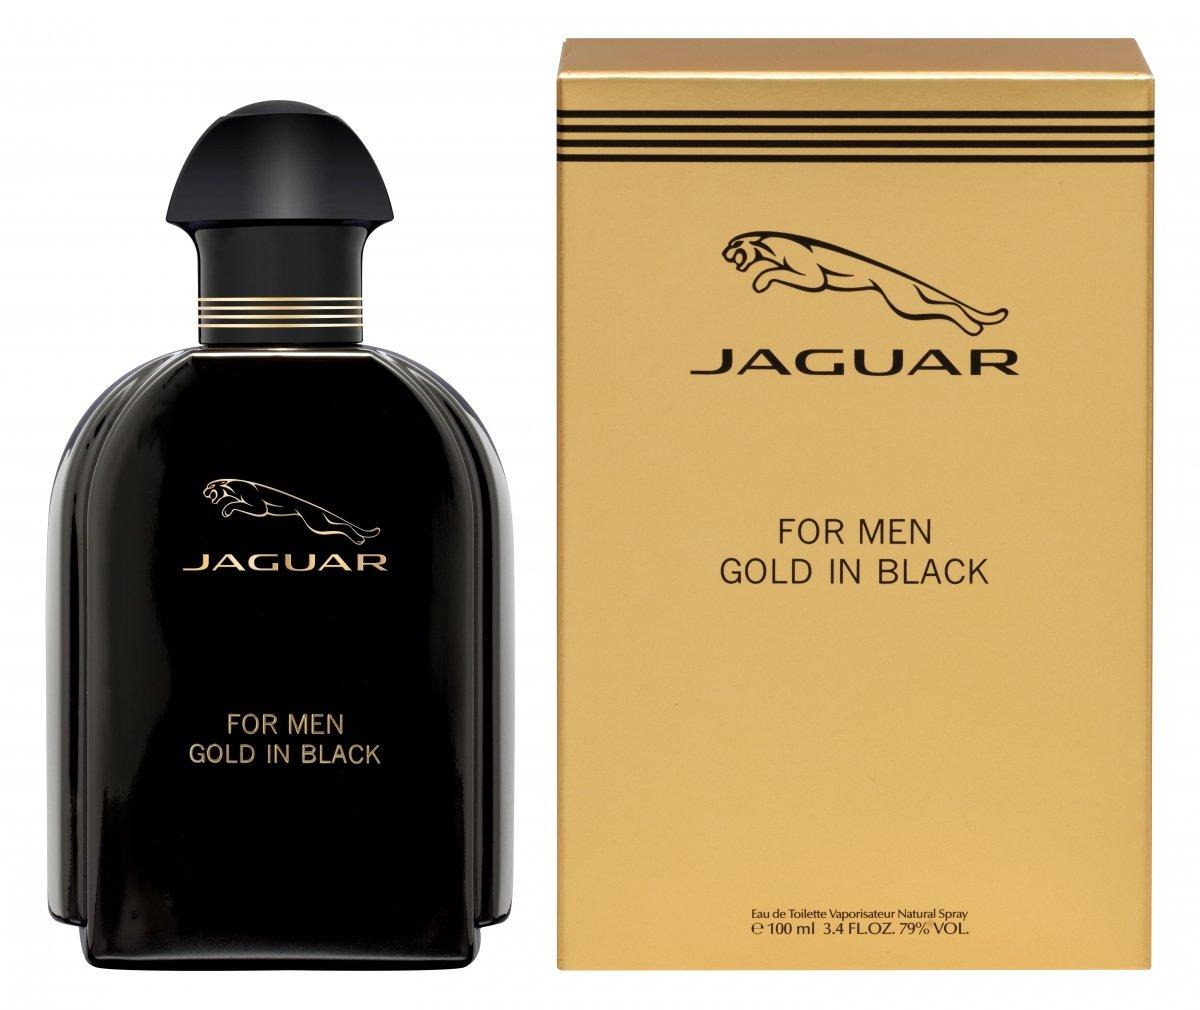 Jaguar For Men: Jaguar - For Men Gold In Black